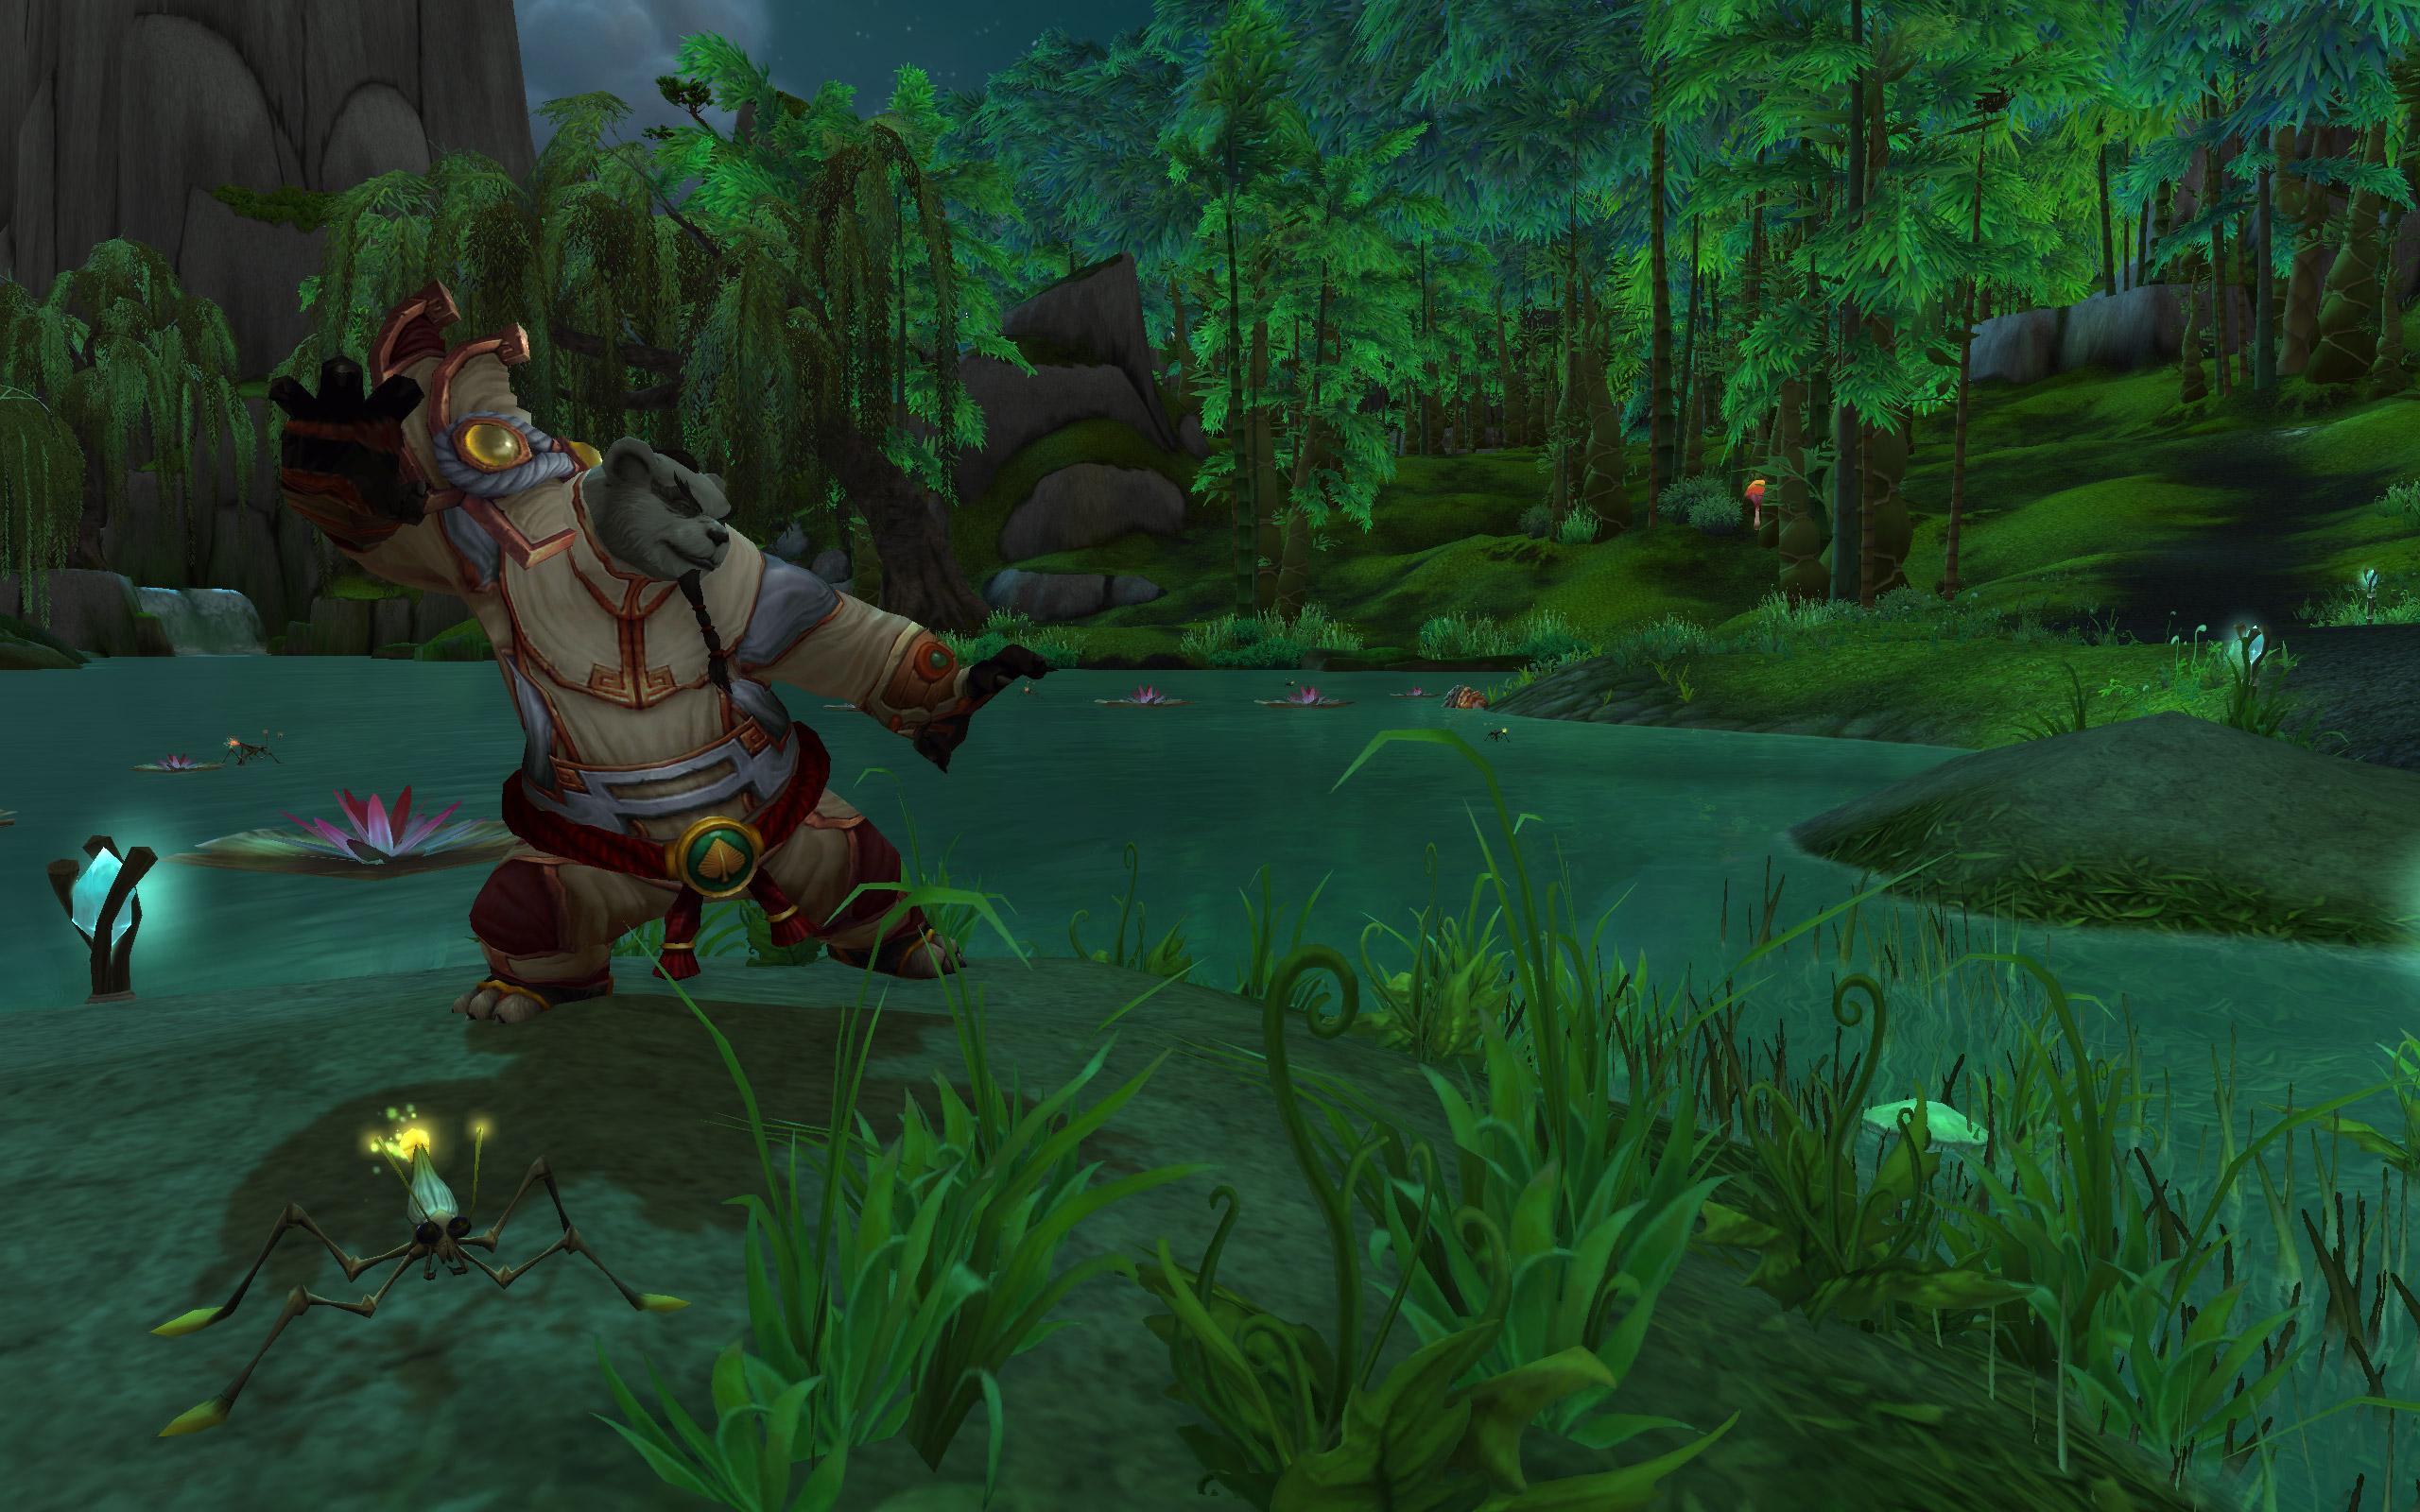 A Pandaren monk in Mists of Pandaria